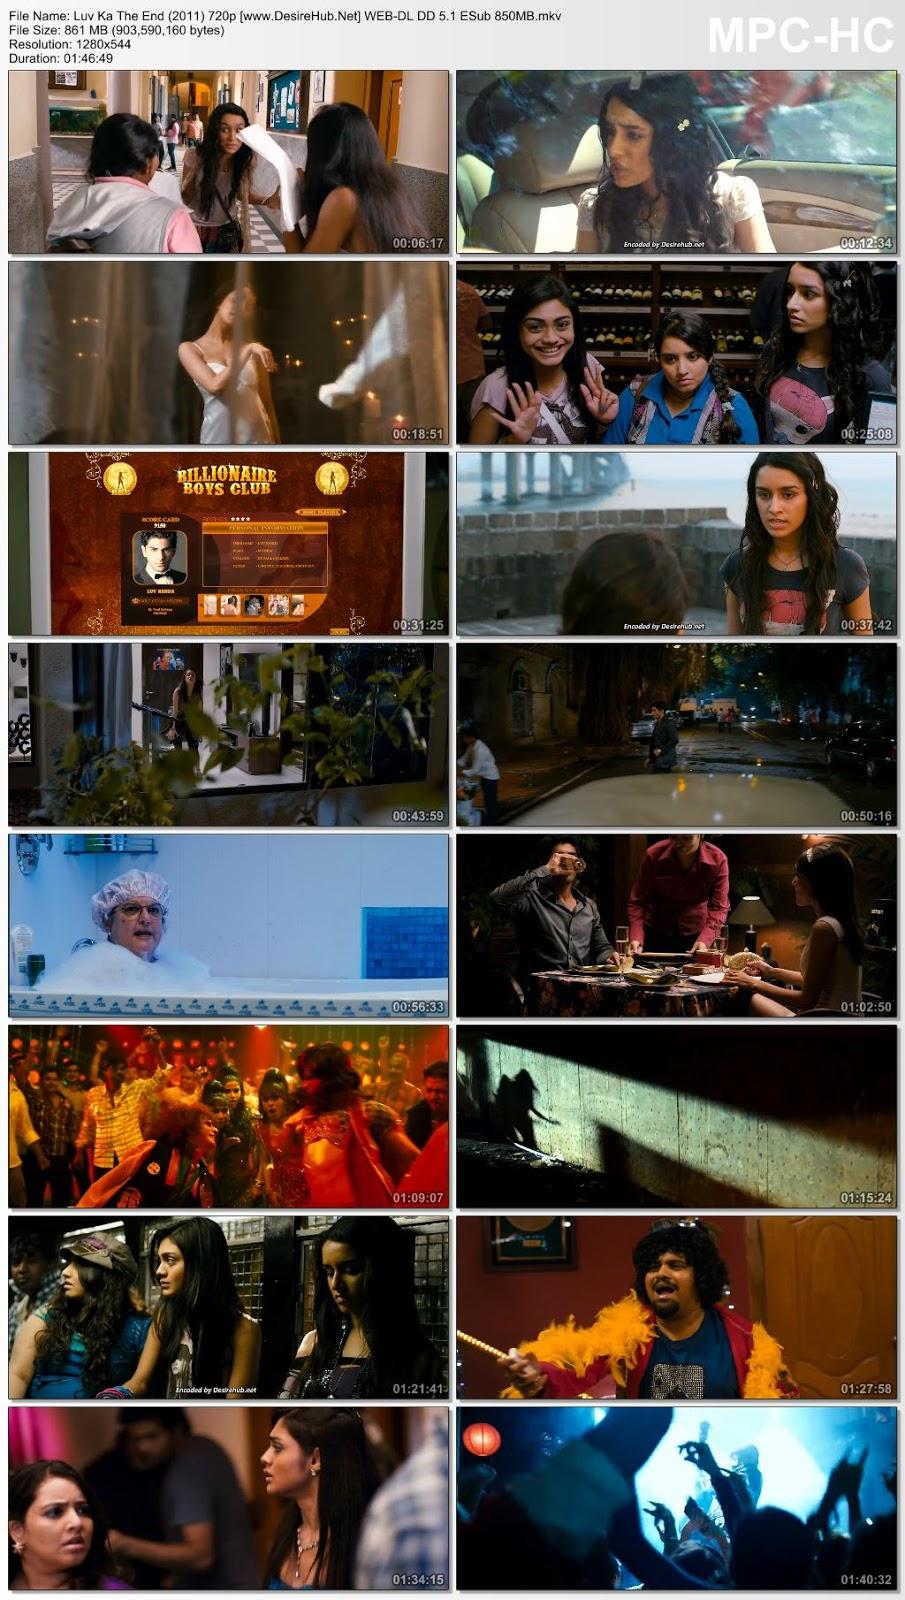 Luv Ka The End (2011) 720p WEB-DL DD 5.1 ESub 850MB Desirehub